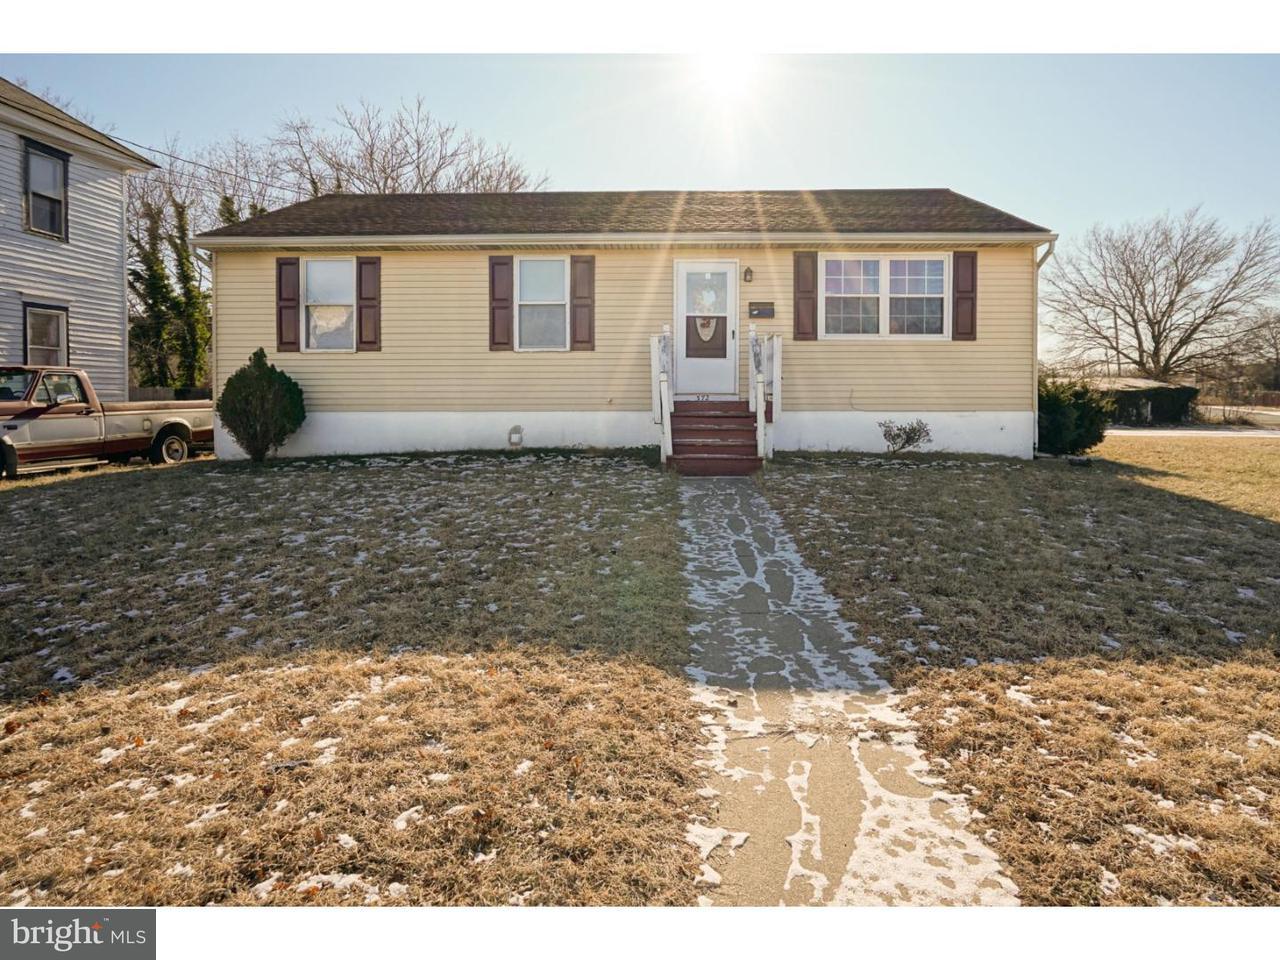 独户住宅 为 出租 在 372 W WASHINGTON Street Paulsboro, 新泽西州 08066 美国